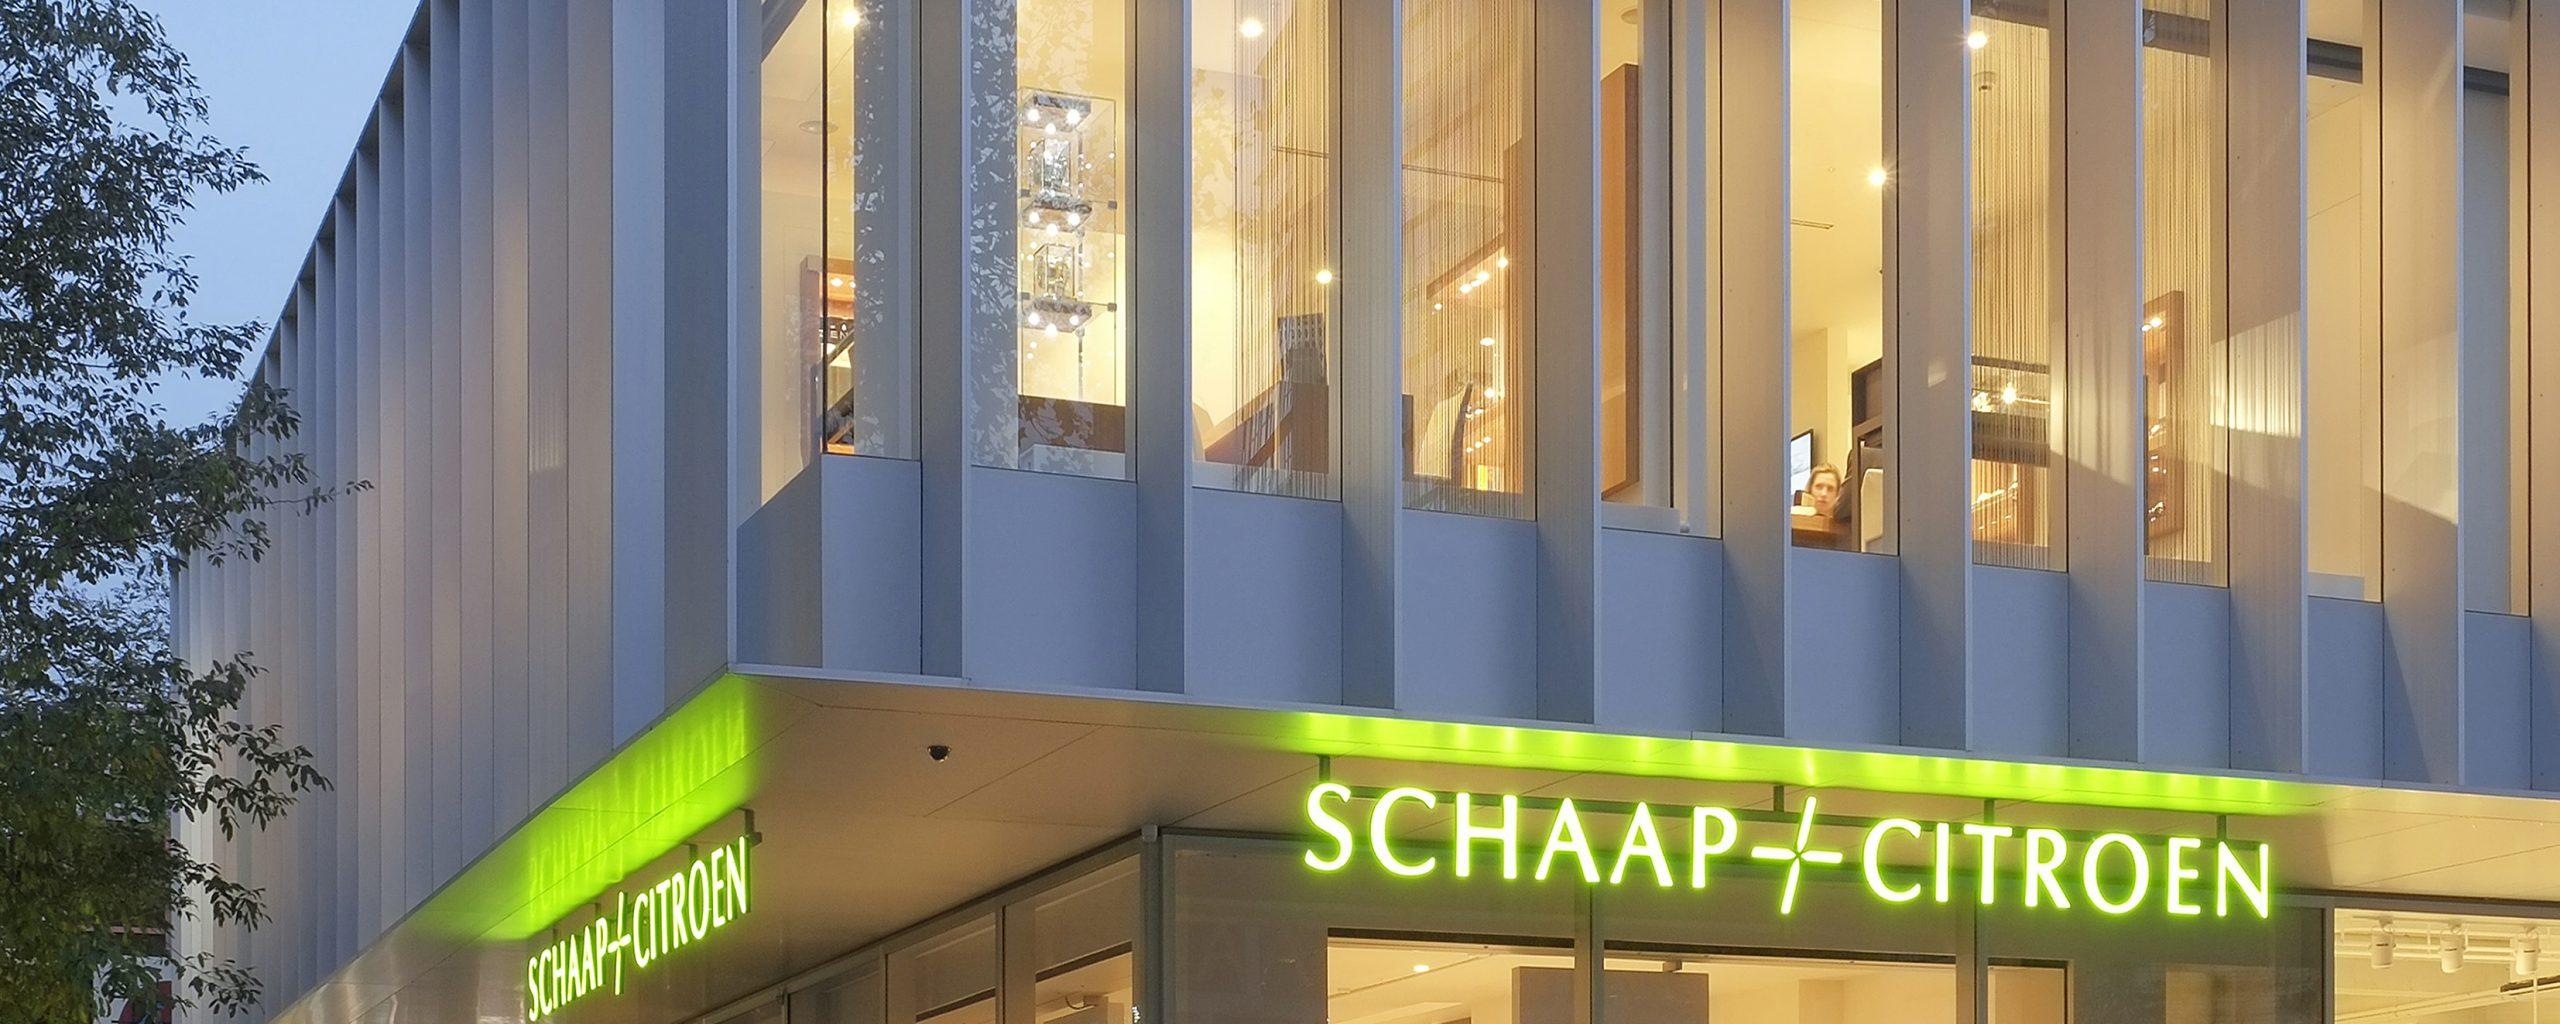 Schaap + Citroen, Rotterdam